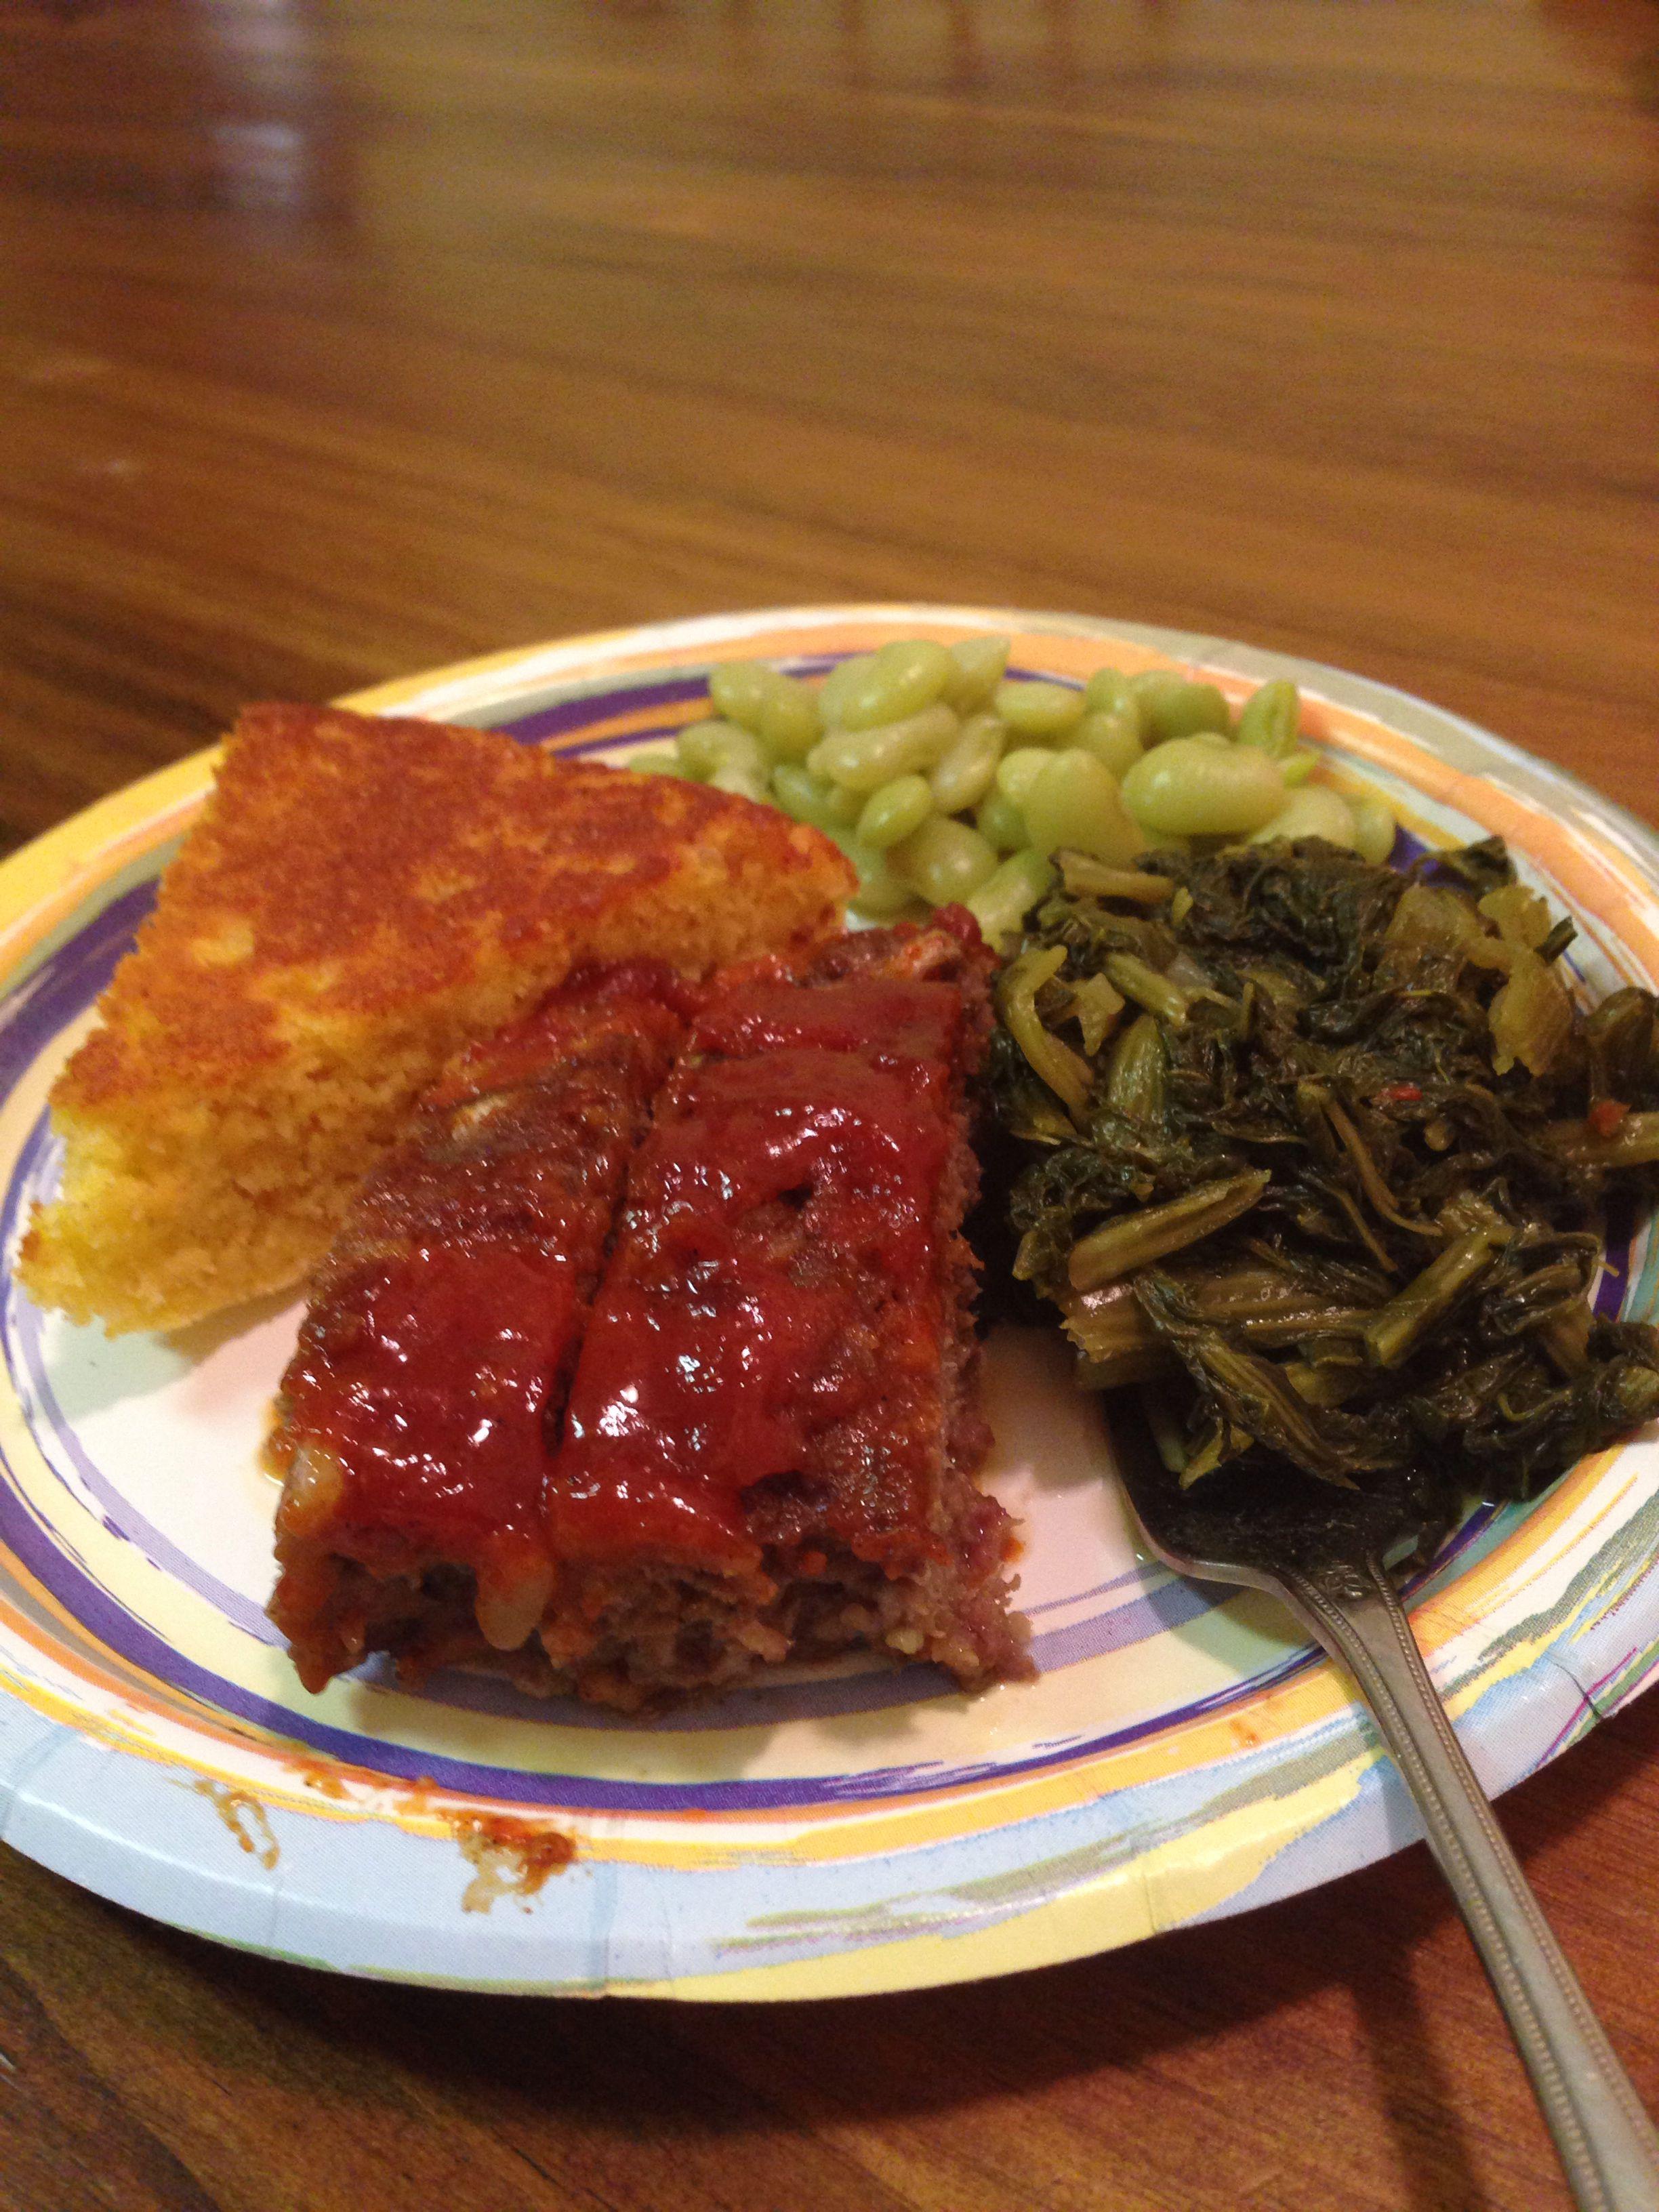 My Recipe Magic Good Meatloaf Recipe Traditional Meatloaf Recipes Best Meatloaf